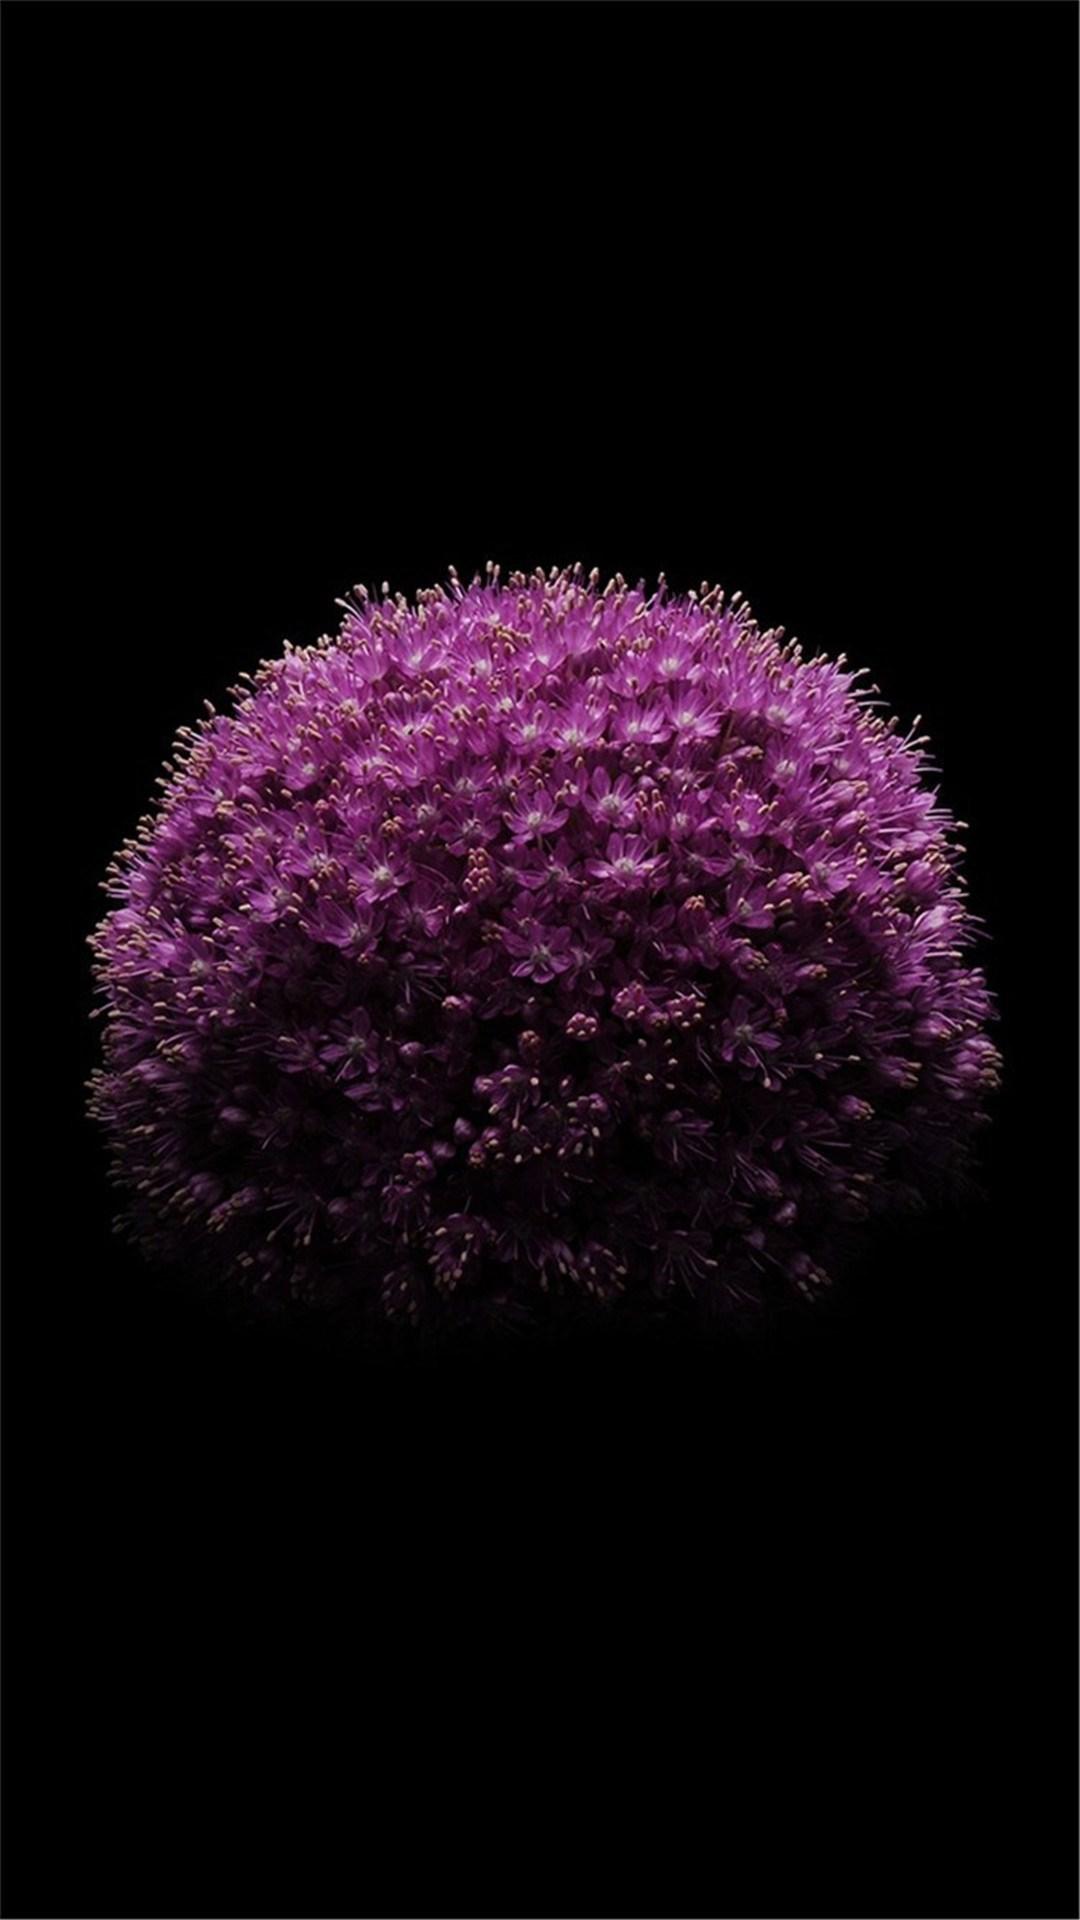 紫色 花朵 ios 科技 蘋果 蘋果手機高清壁紙 1080x